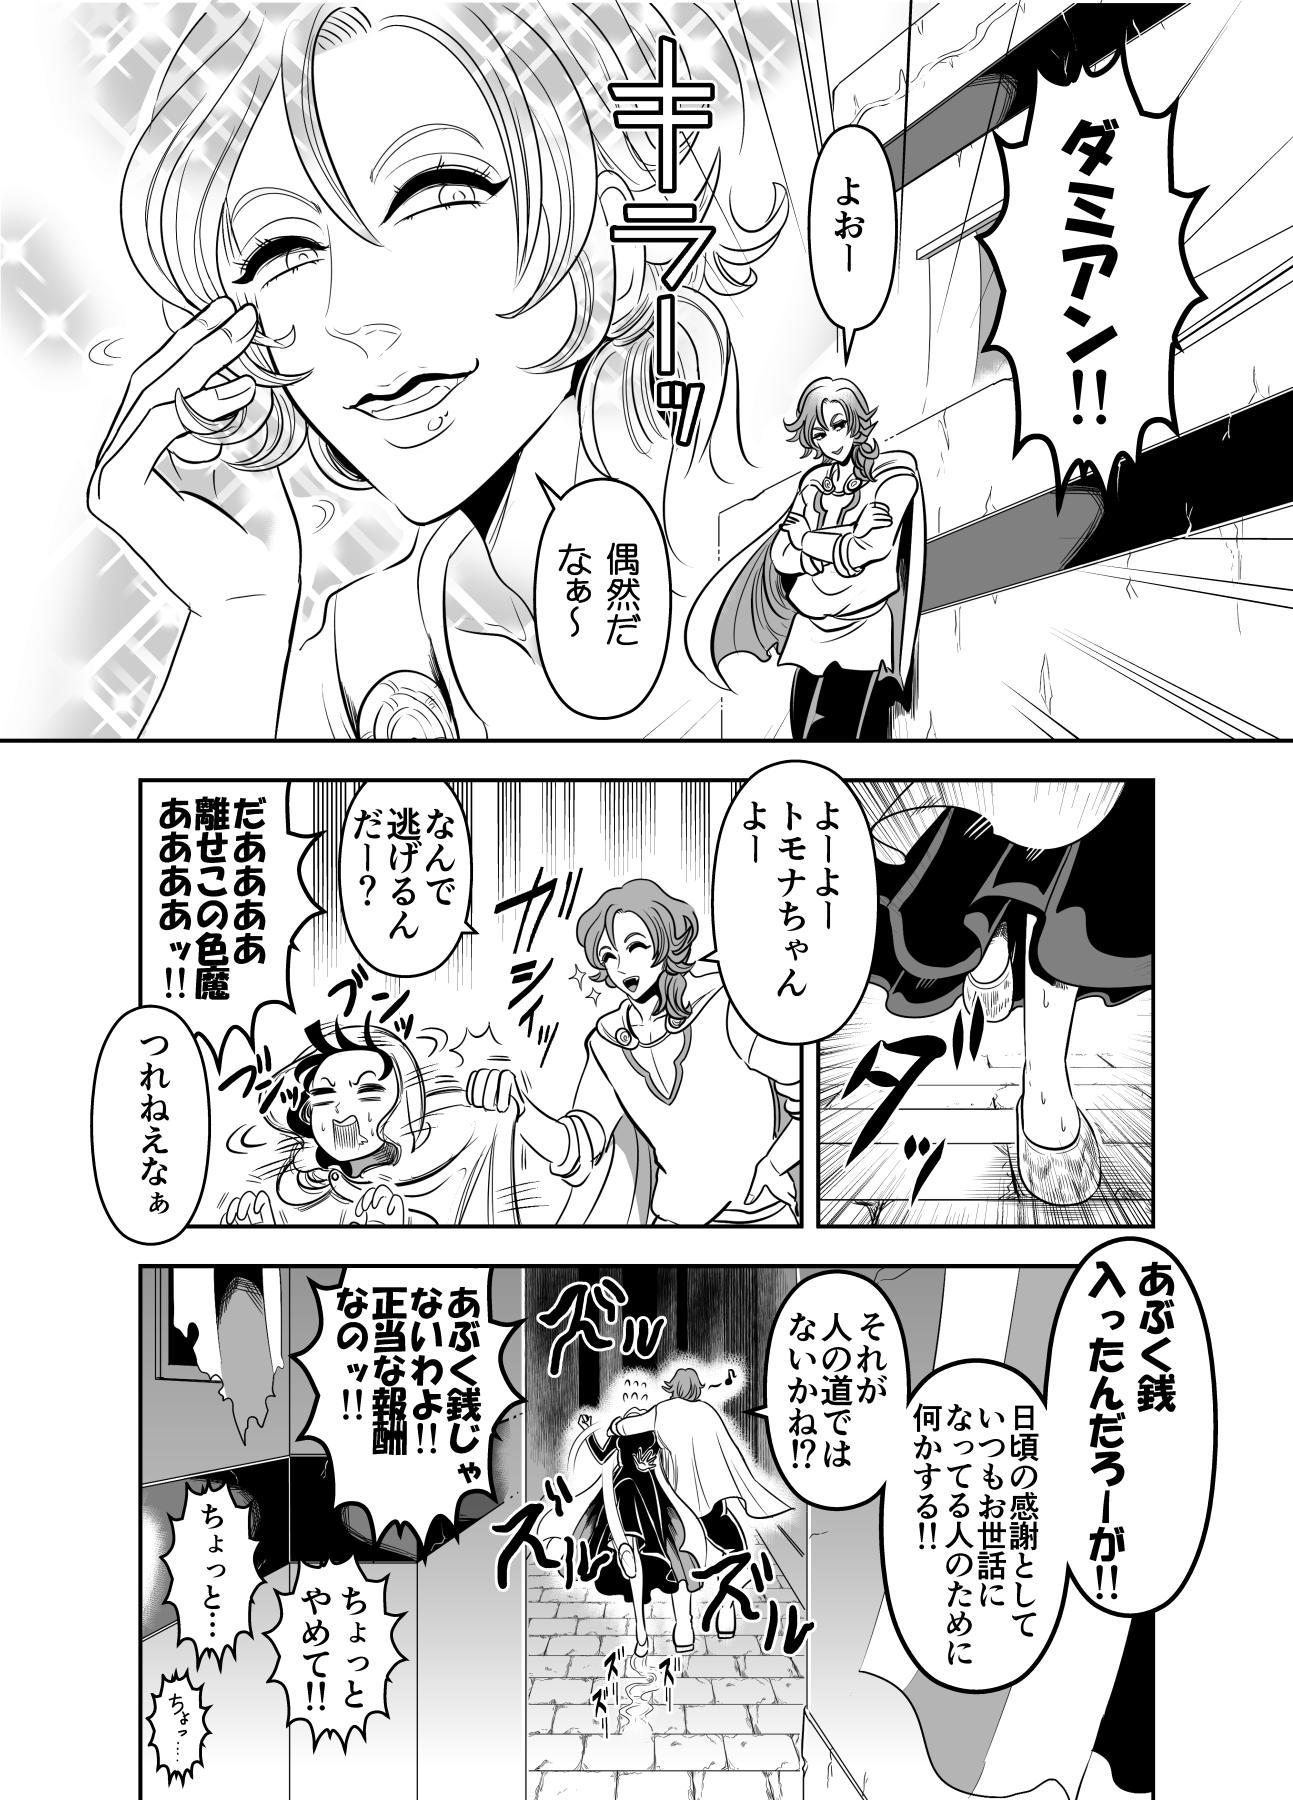 ヤサグレ魔女と第1王子と吸血鬼①0018